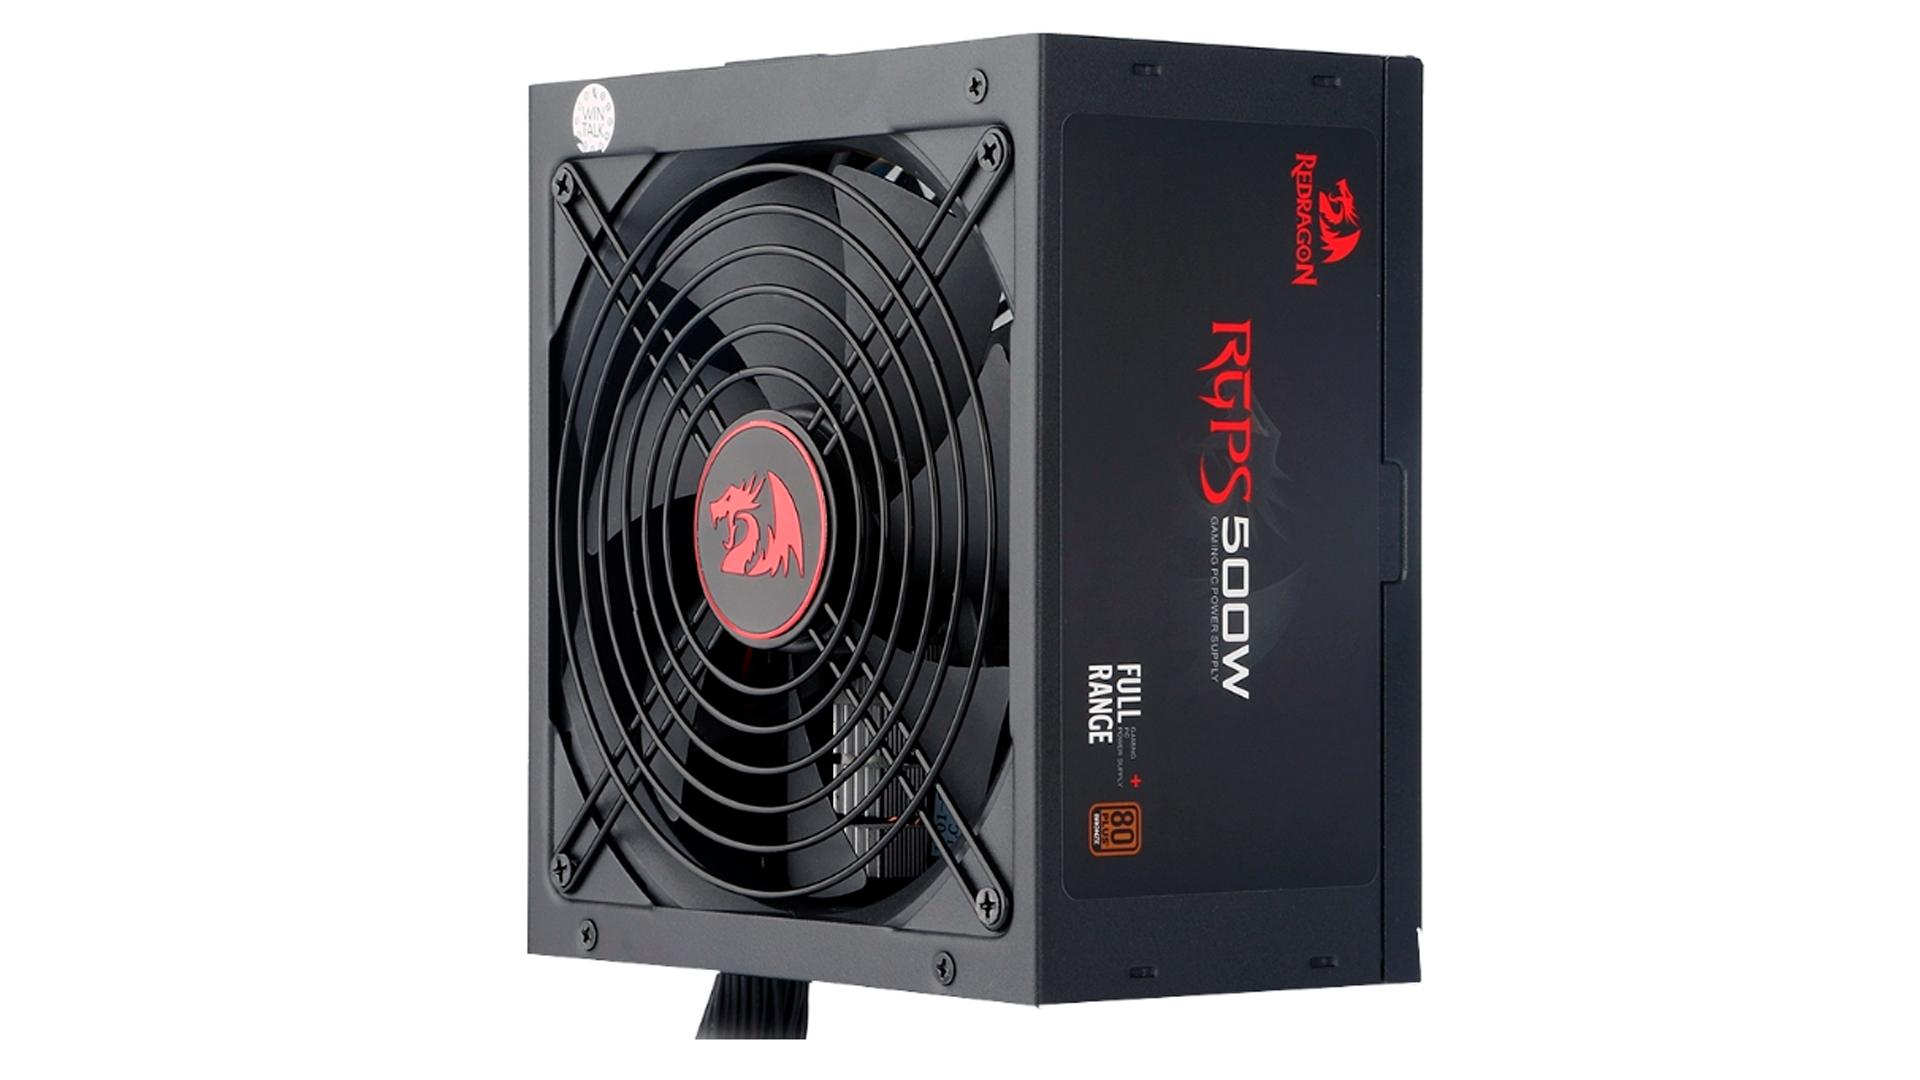 Se você procura uma fonte para PC 500W, a Redragon GC PS001 é nossa dica (Foto: Divulgação/Redragon)